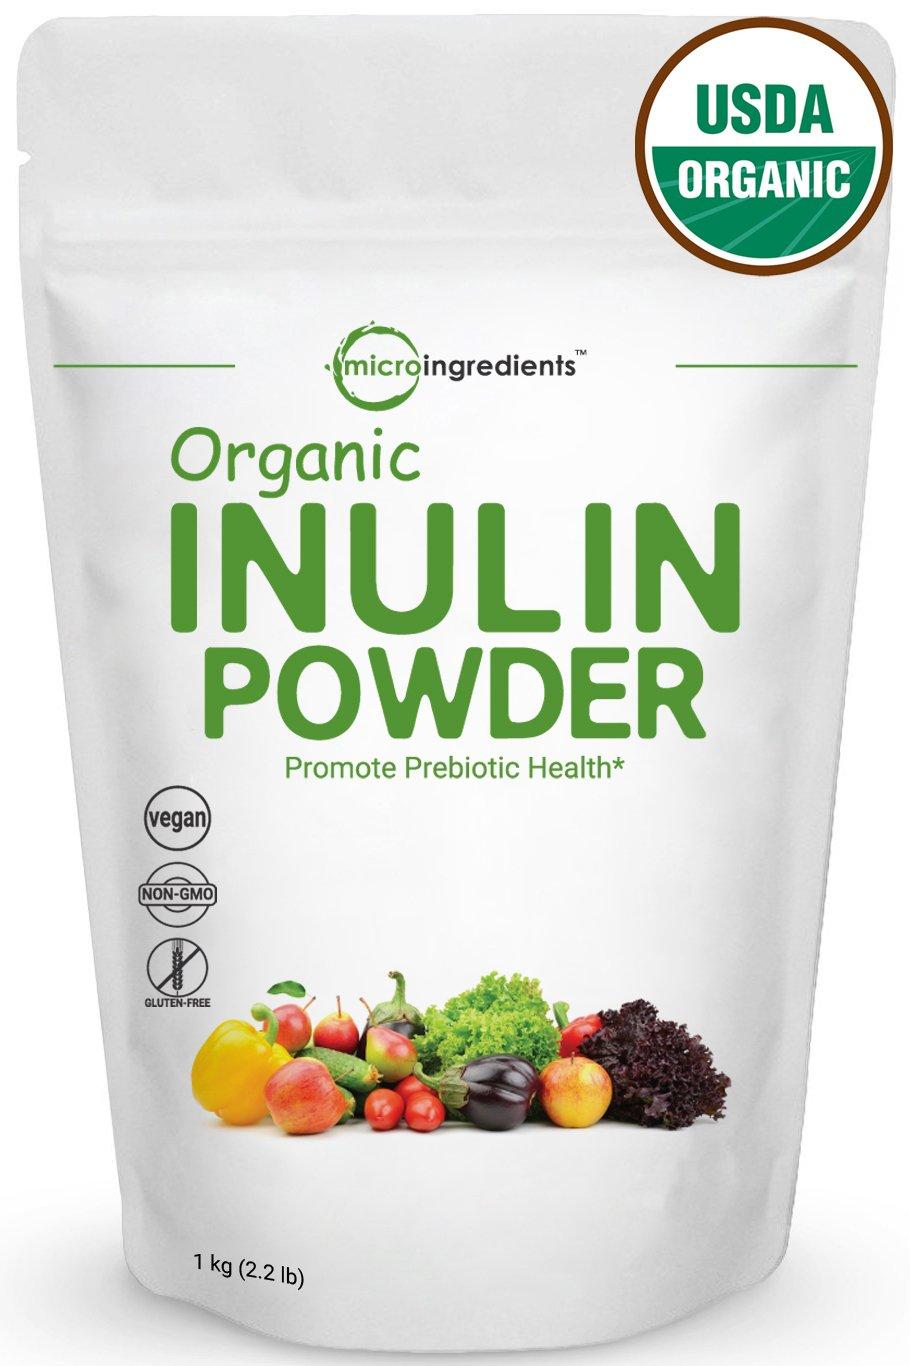 Pure Organic Inulin Fos Powder (Jerusalem Artichoke) Prebiotic Intestinal Support, Colon & Gut Health (1 Kilogram). Non-Irradiated, Non-Contaminated, Non-GMO and Vegan Friendly.